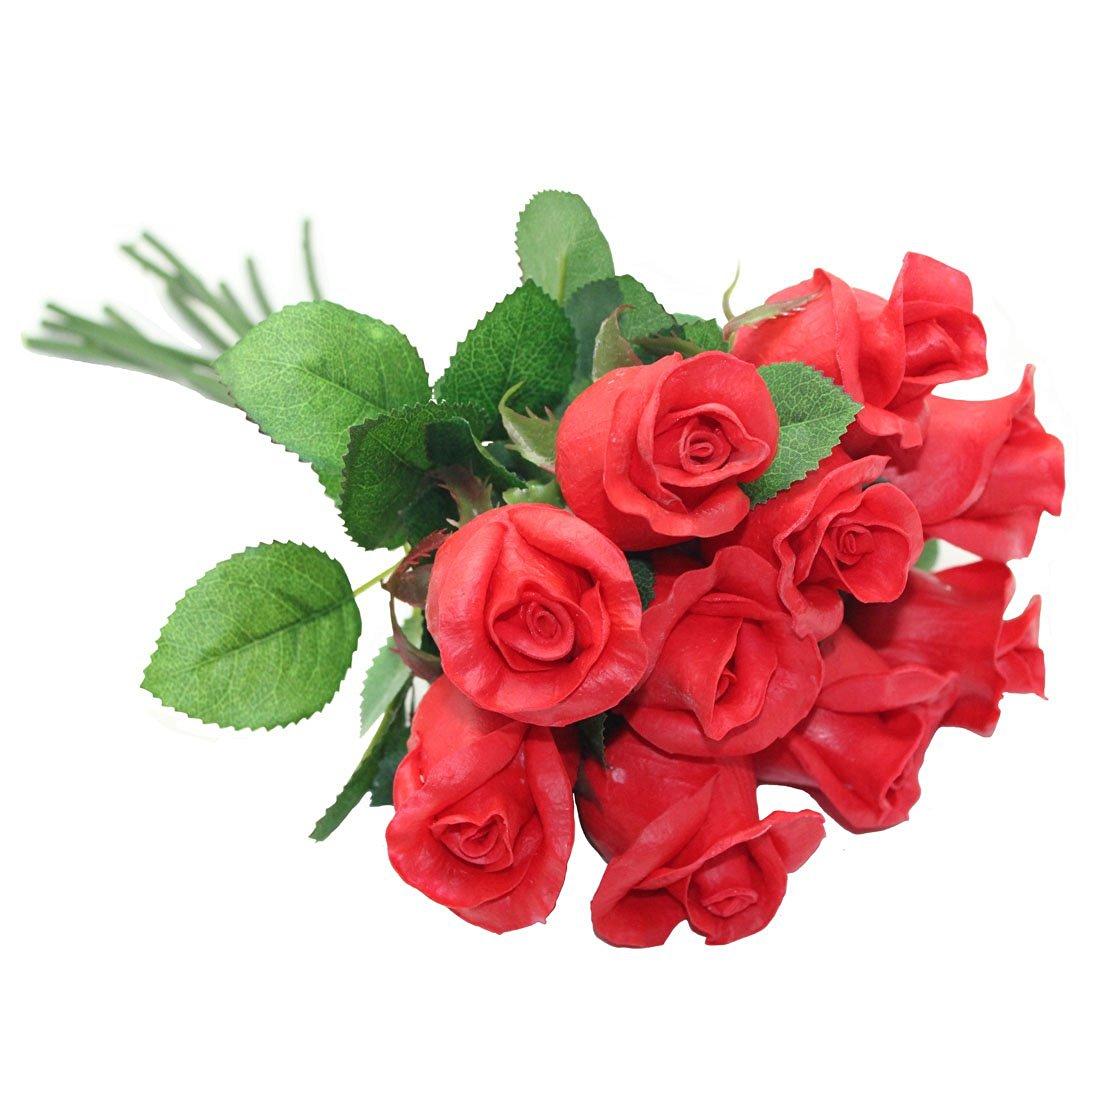 Cheap handmade fabric flower bouquet find handmade fabric flower get quotations decora a dazen high quality handmade pu artificial red rose flower bouquet for wedding bouquet izmirmasajfo